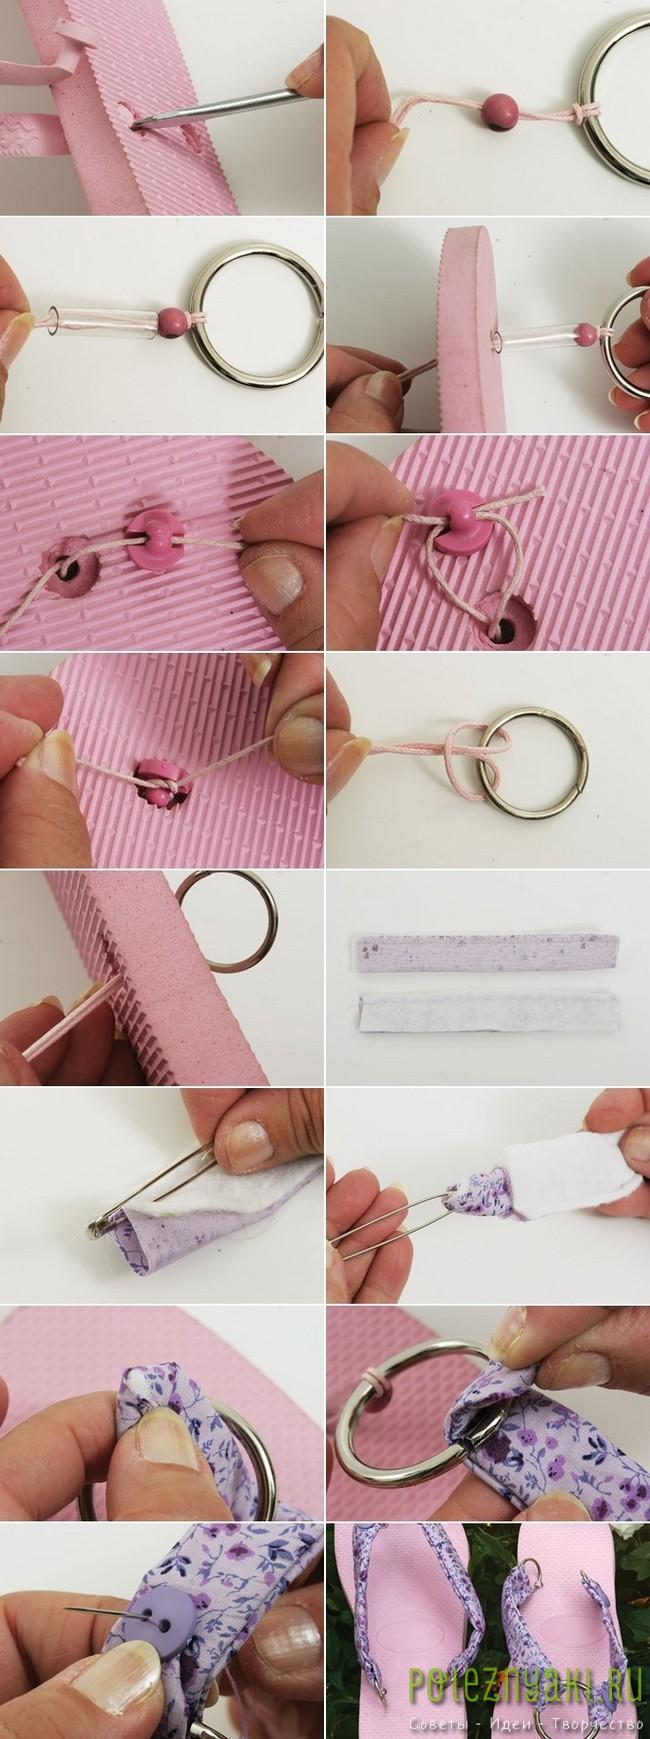 Идея украшения розовых шлепок пурпурной тканью и металлическими кольцами 2